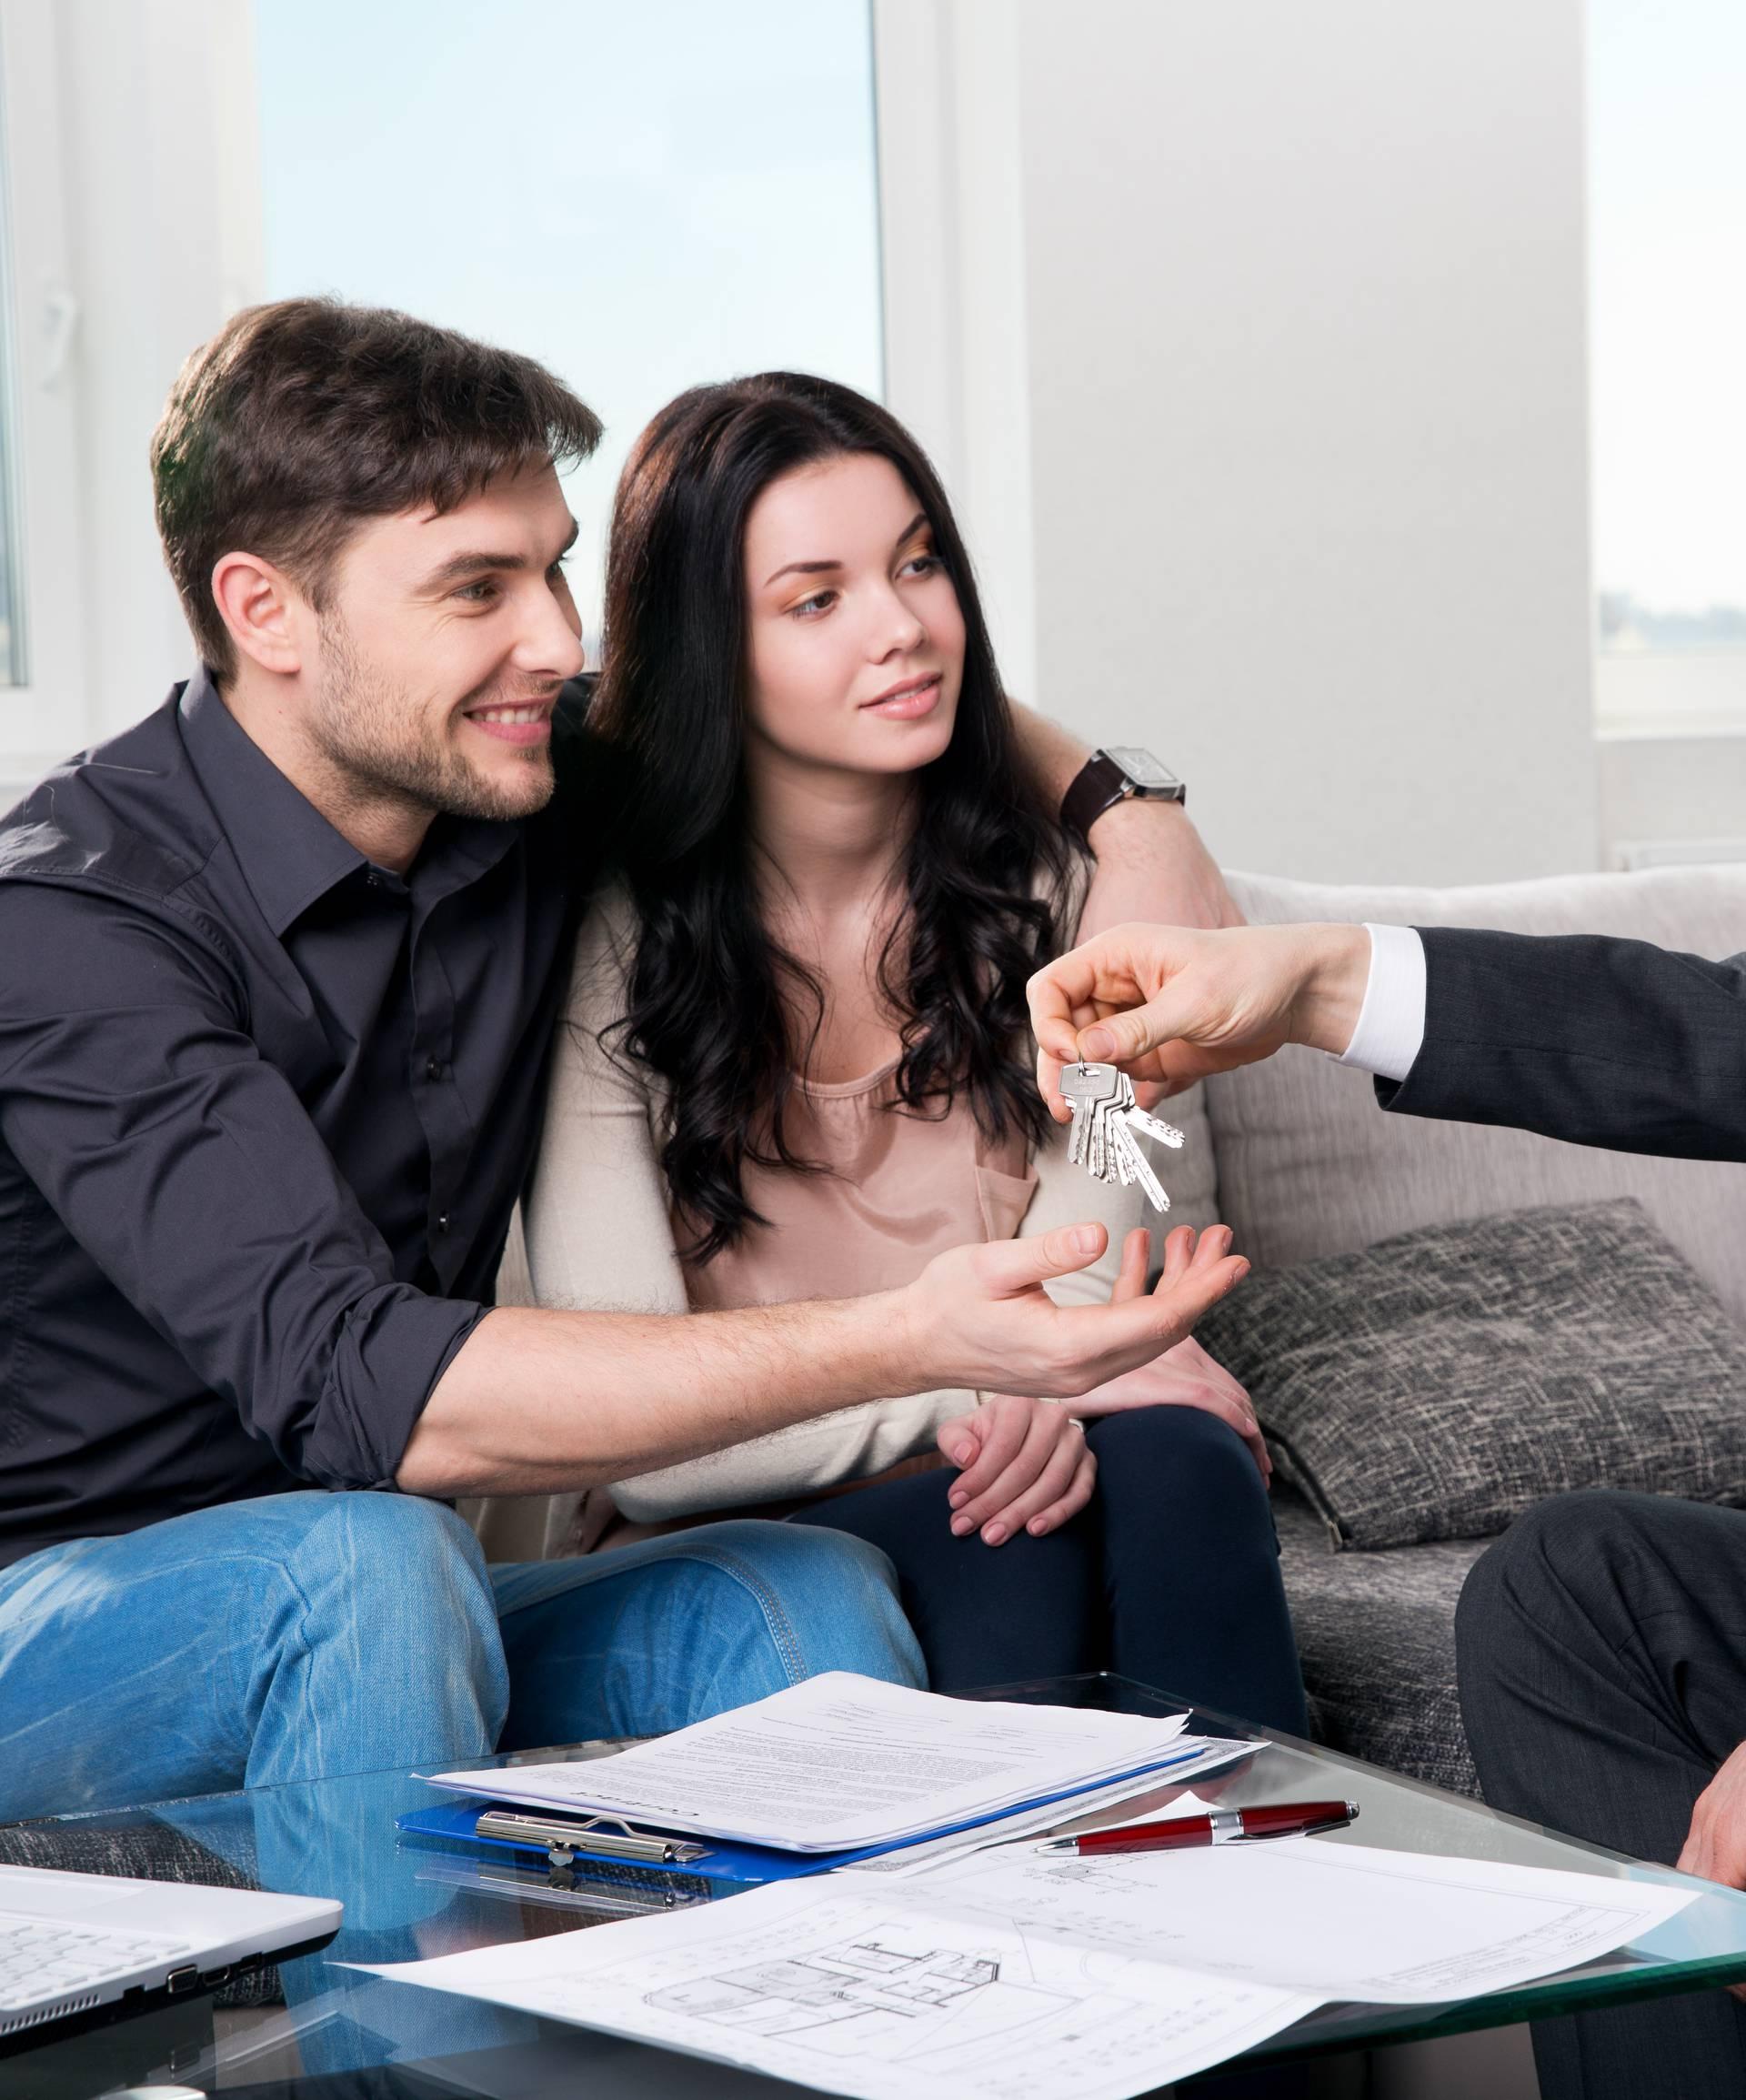 Rastu krediti, a kamate najviše padaju kod stambenih kredita